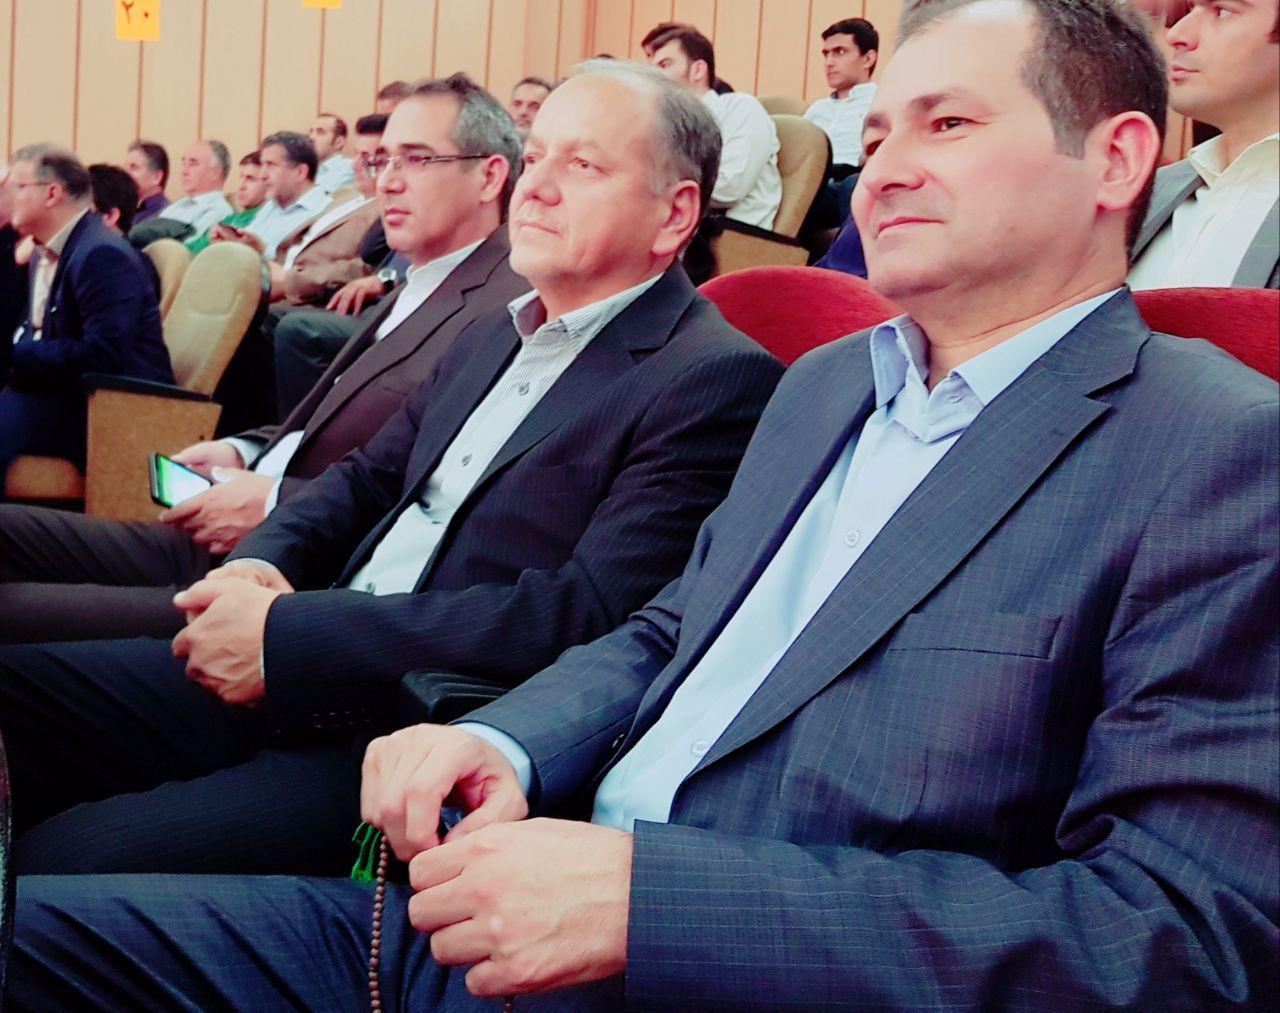 مهندس یوسف بسنجیده و مهندس یغمور قلیزاده از استان گلستان و ترکمن صحرا  بعنوان عضو هیات رییسه حزب اعتماد ملی انتخاب شدند